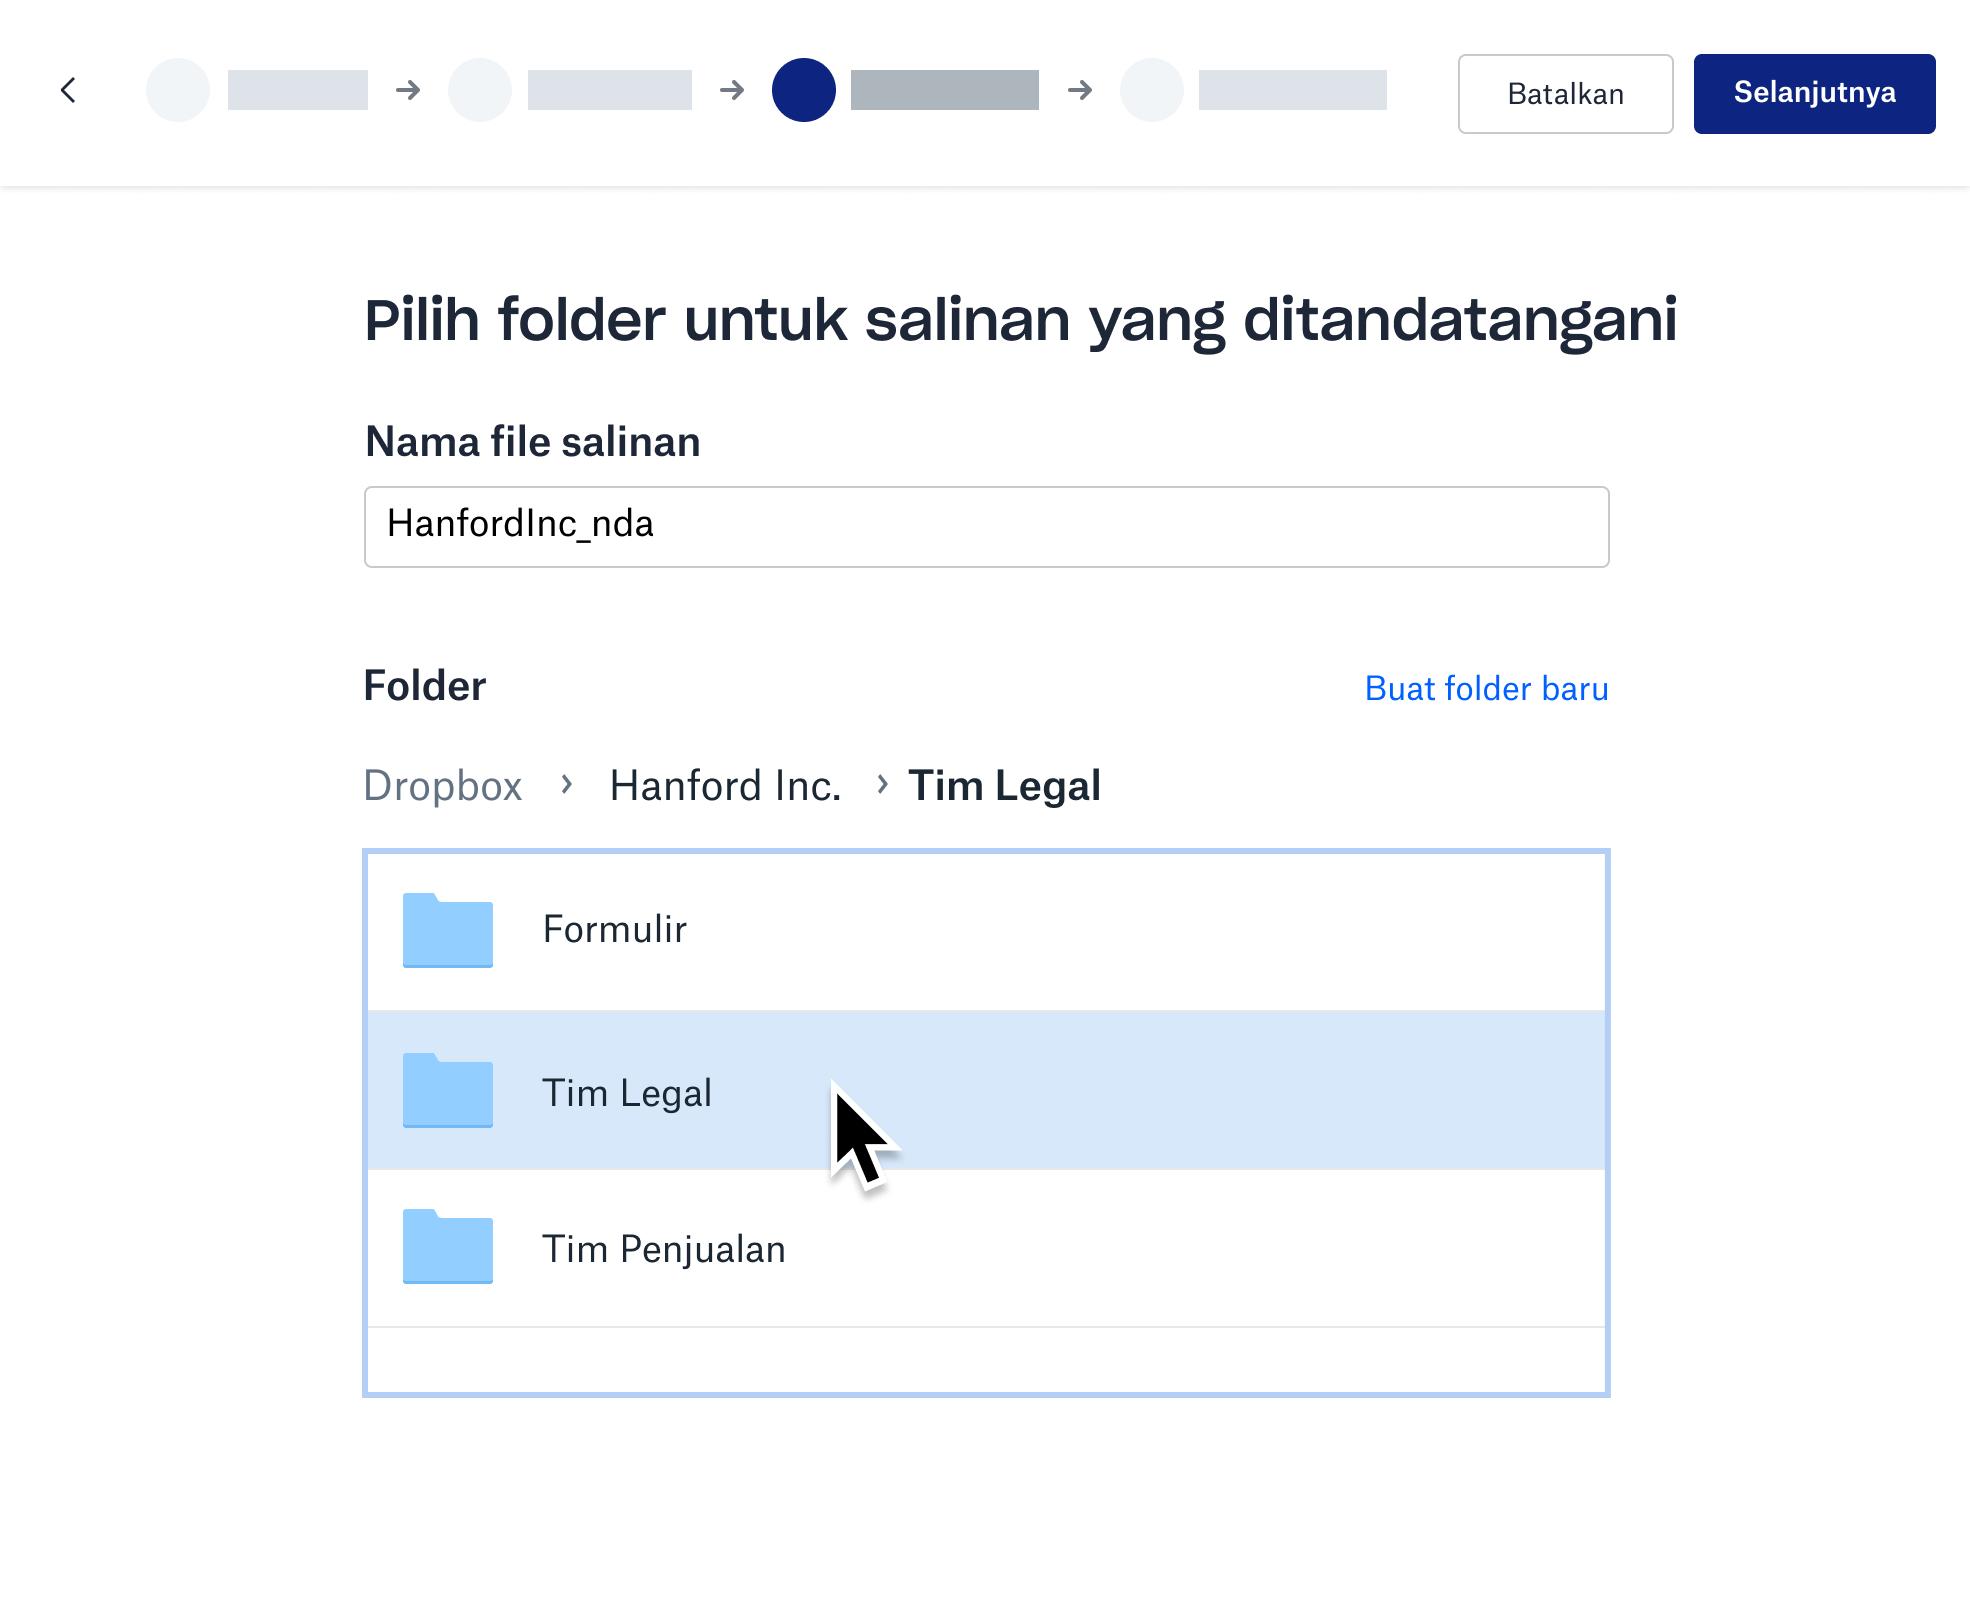 Tangkapan layar menyimpan salinan yang telah ditandatangani di sebuah folder Dropbox